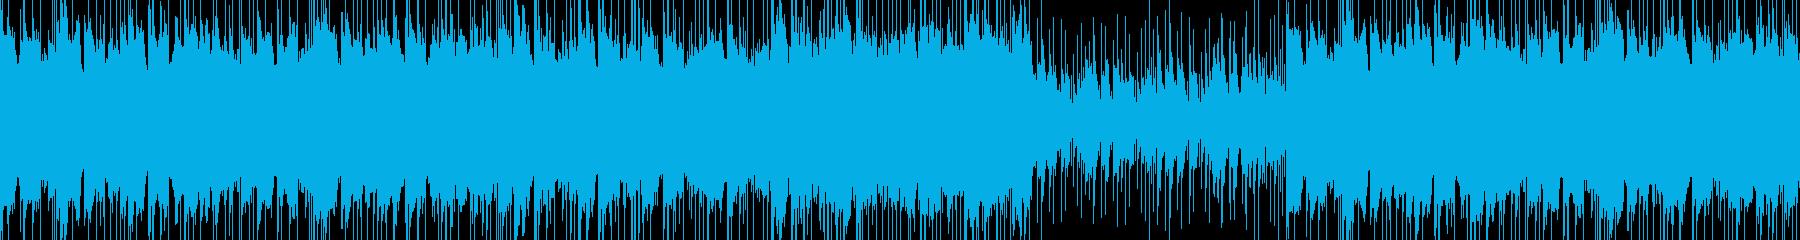 アンビエント ほのぼの 幸せ ロマ...の再生済みの波形